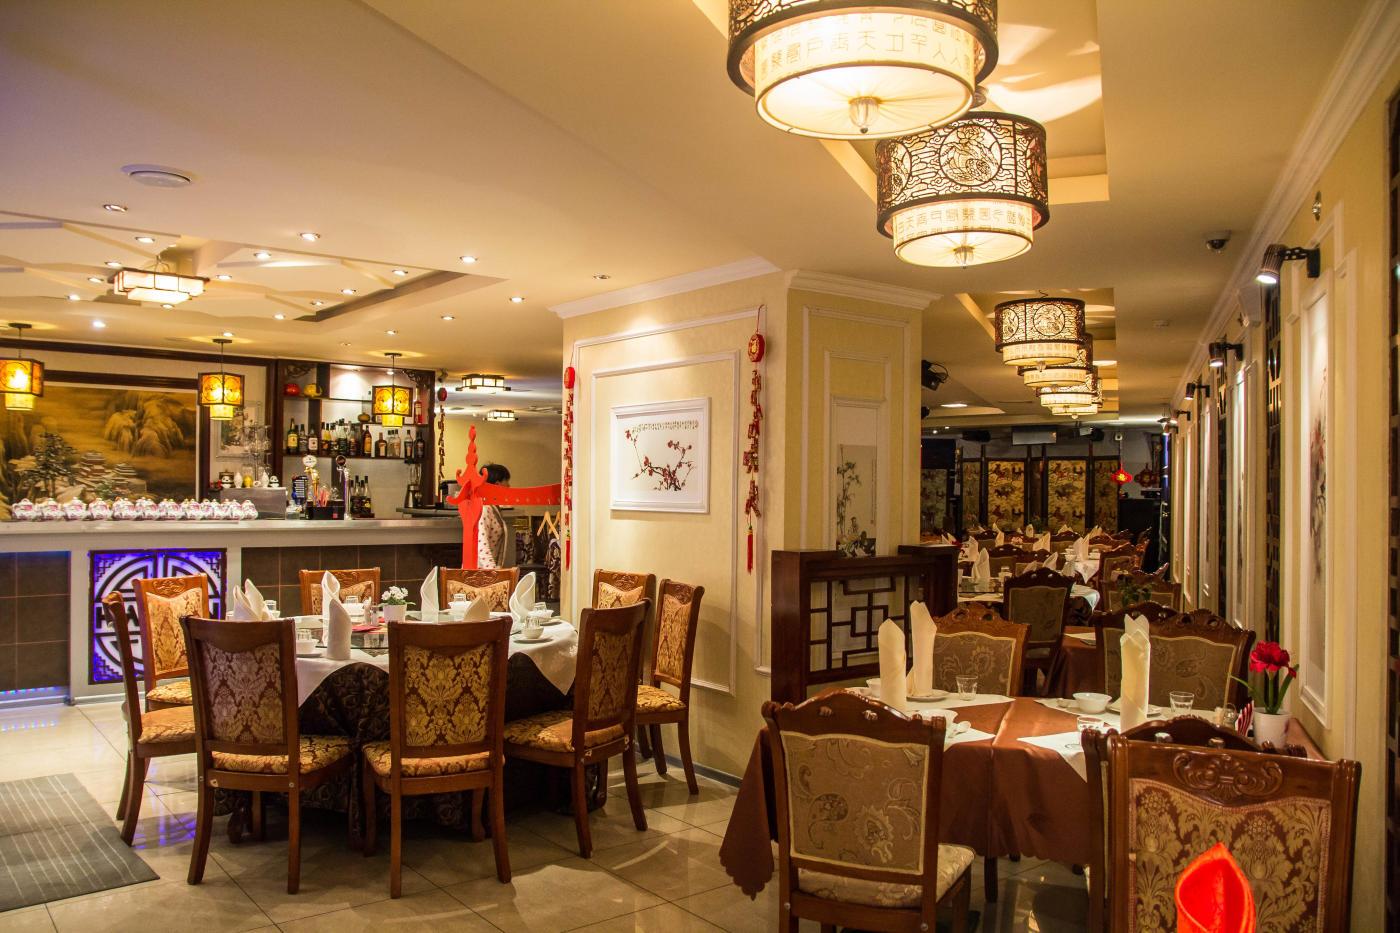 Китайский Ресторан Харбин (Большая Якиманка / Октябрьская) фото 33